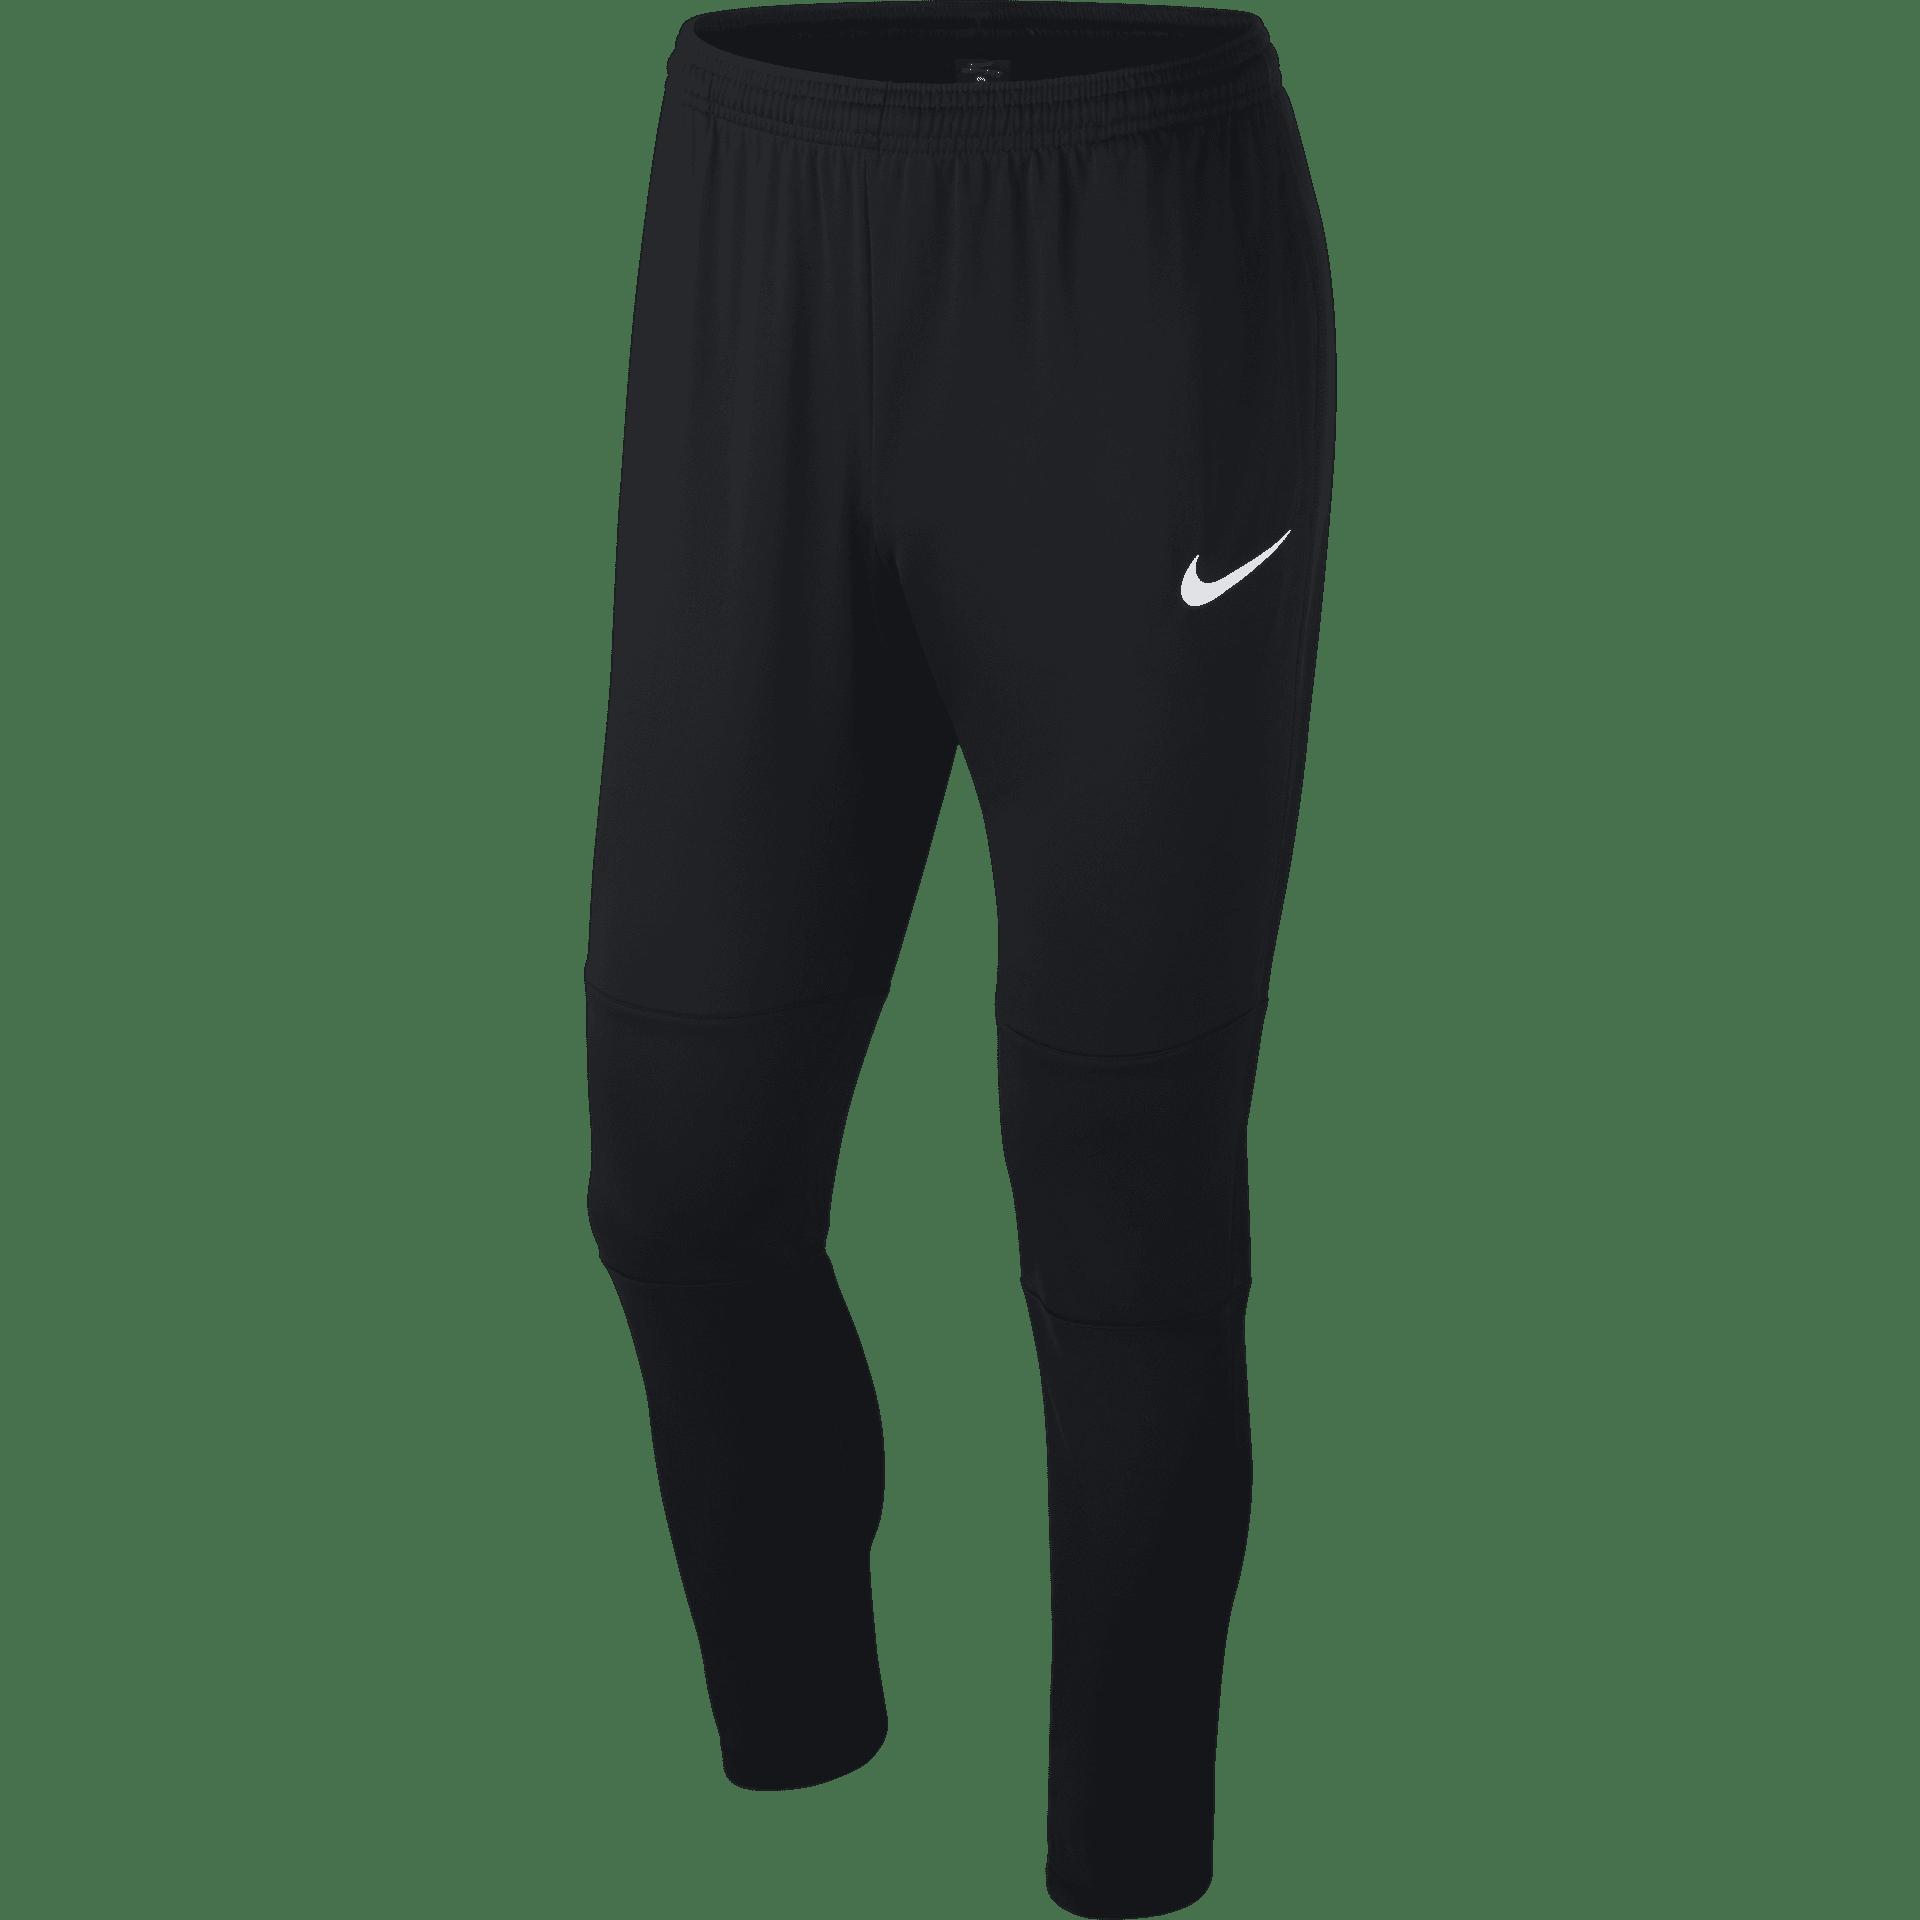 braniel fc skinny pants size xxl mens 31928 p